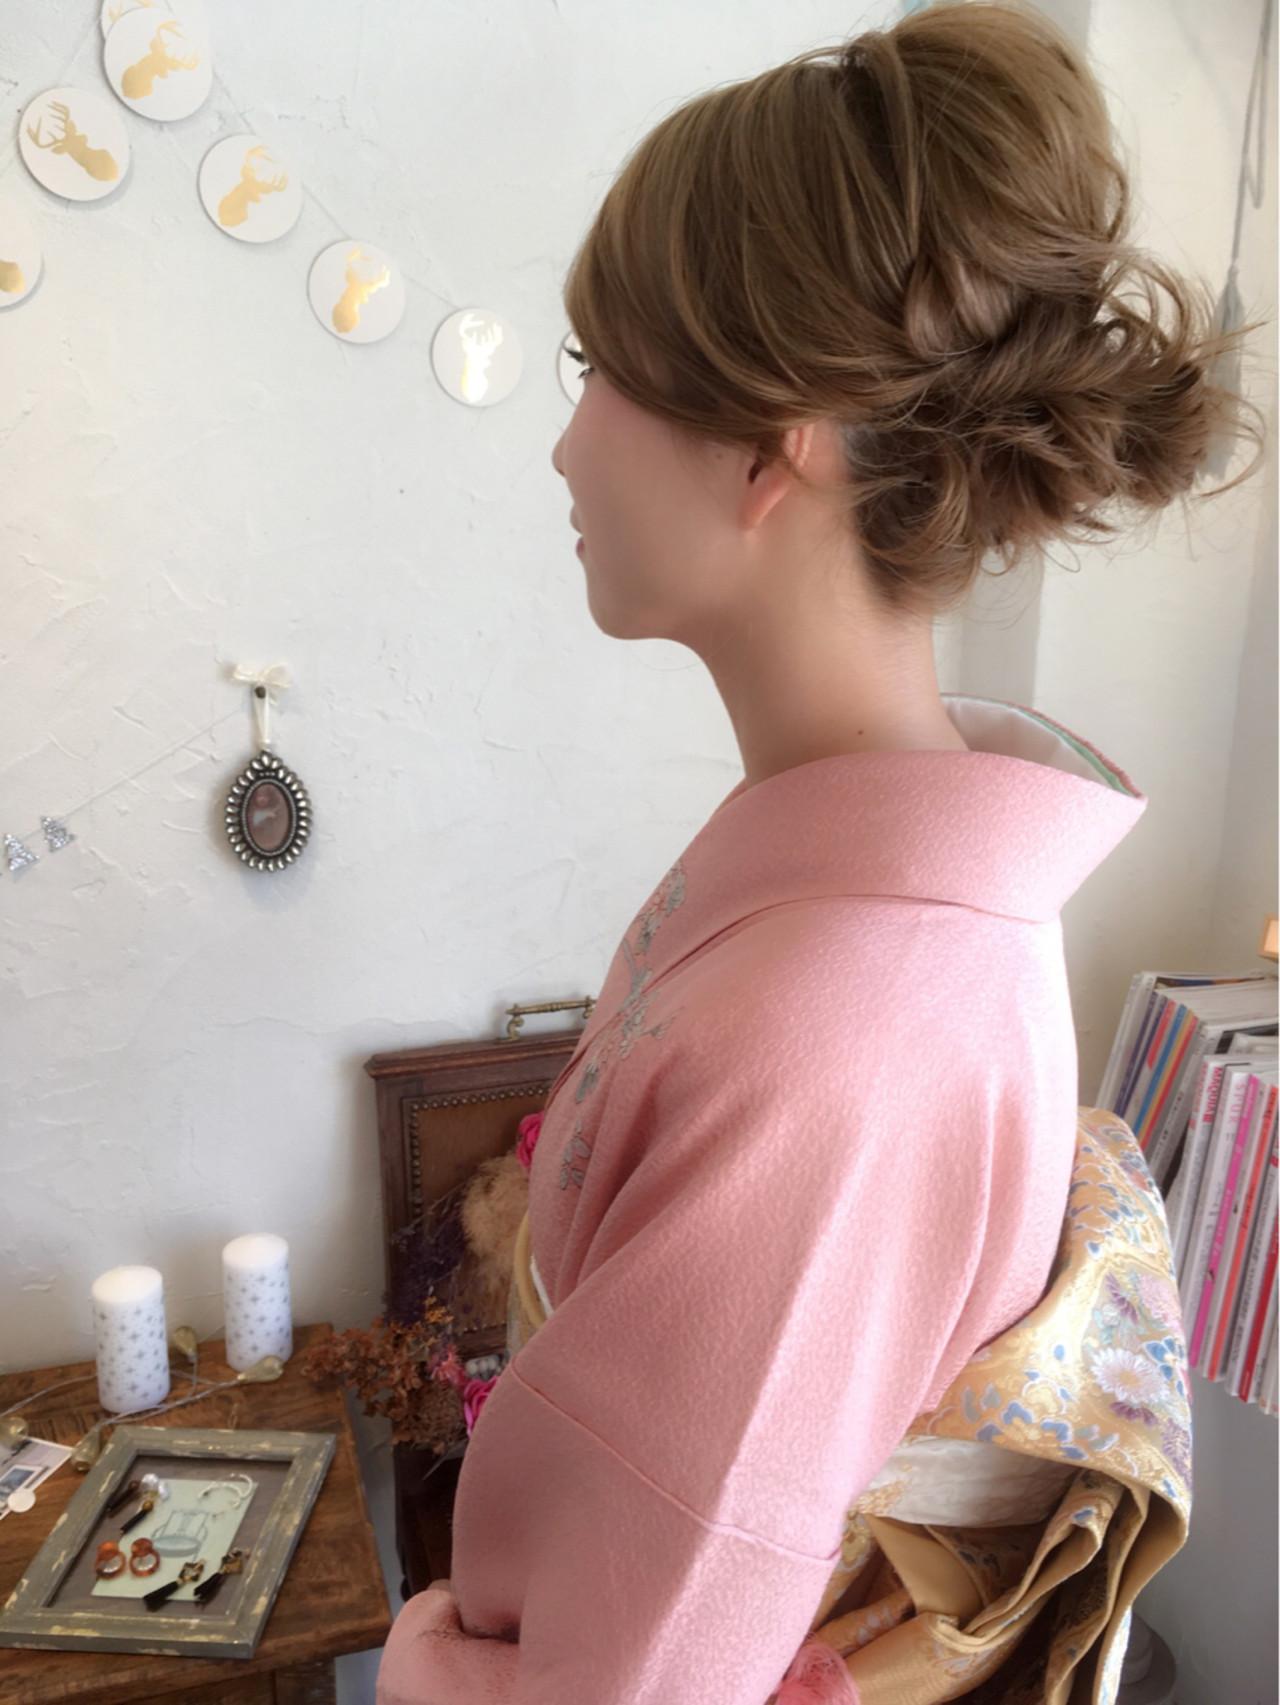 ミディアム 上品 結婚式 着物 ヘアスタイルや髪型の写真・画像